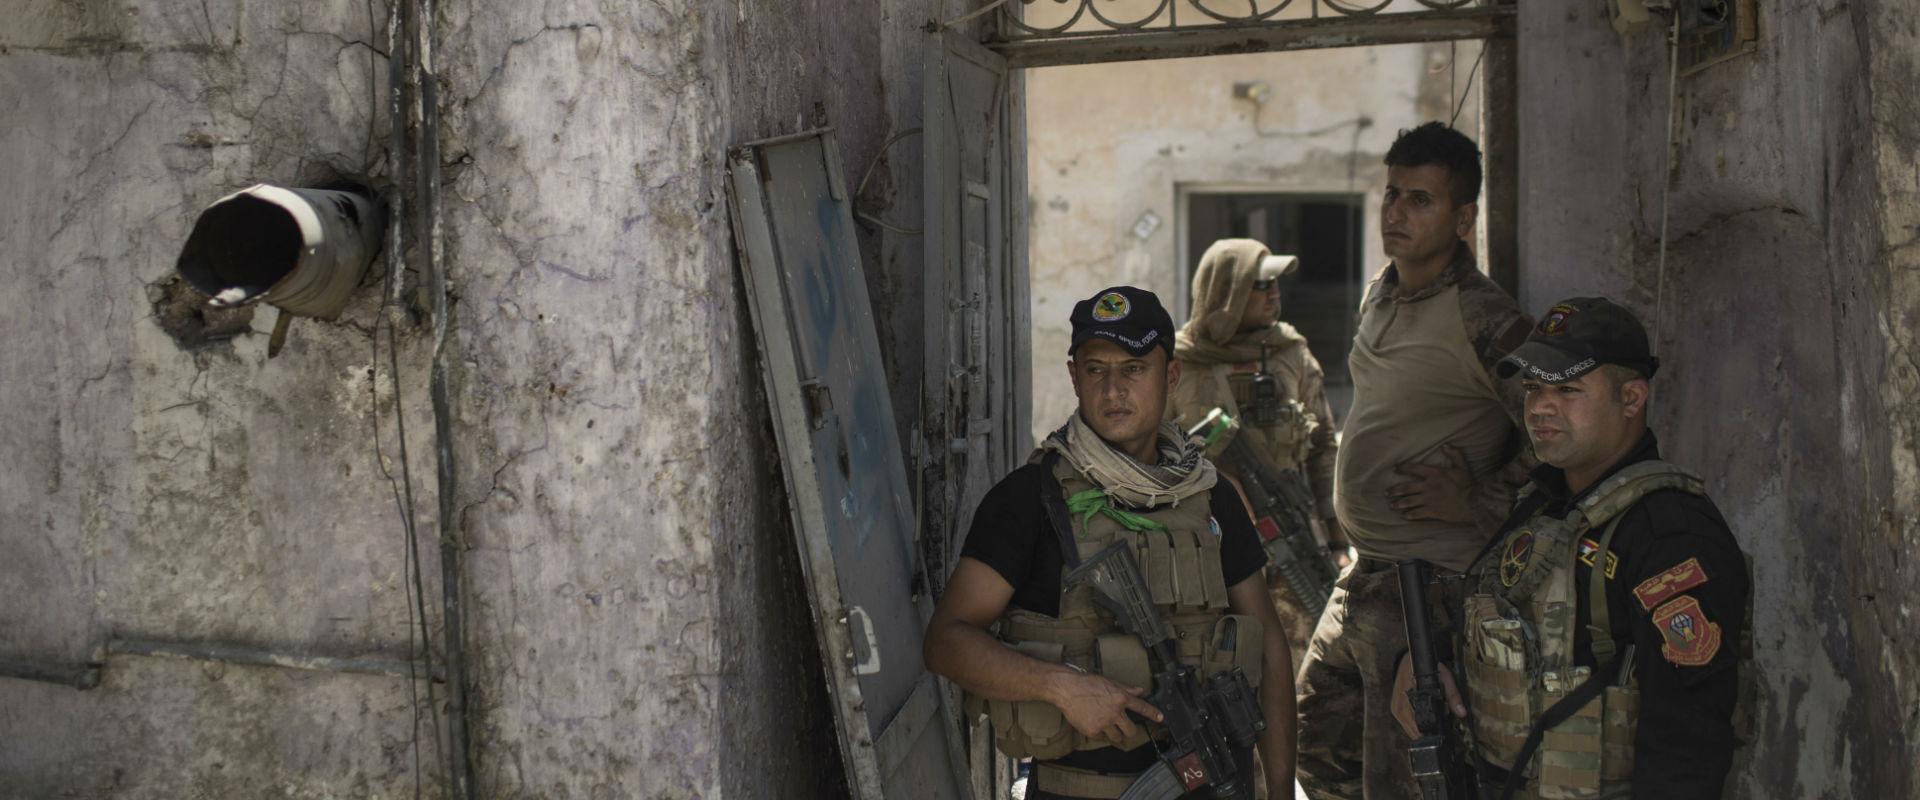 צבא עיראק לאחר כיבוש מוסול מידי דאעש